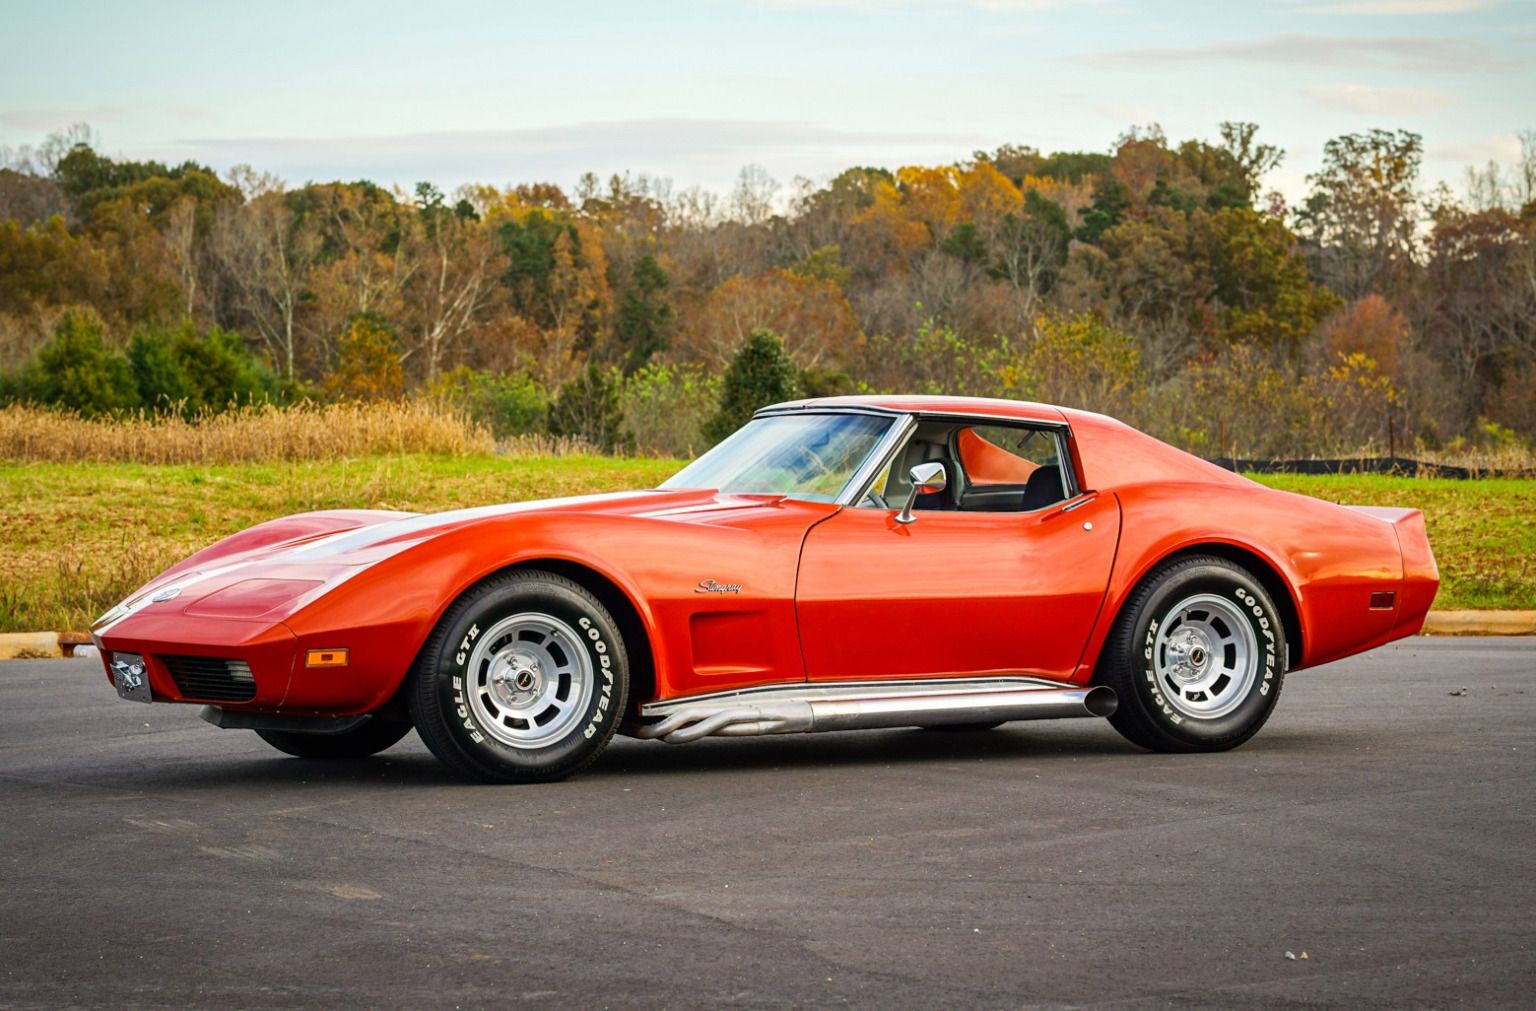 Zz4 Powered 1974 Chevrolet Corvette 4 Speed In 2020 Chevrolet Corvette Corvette Chevrolet